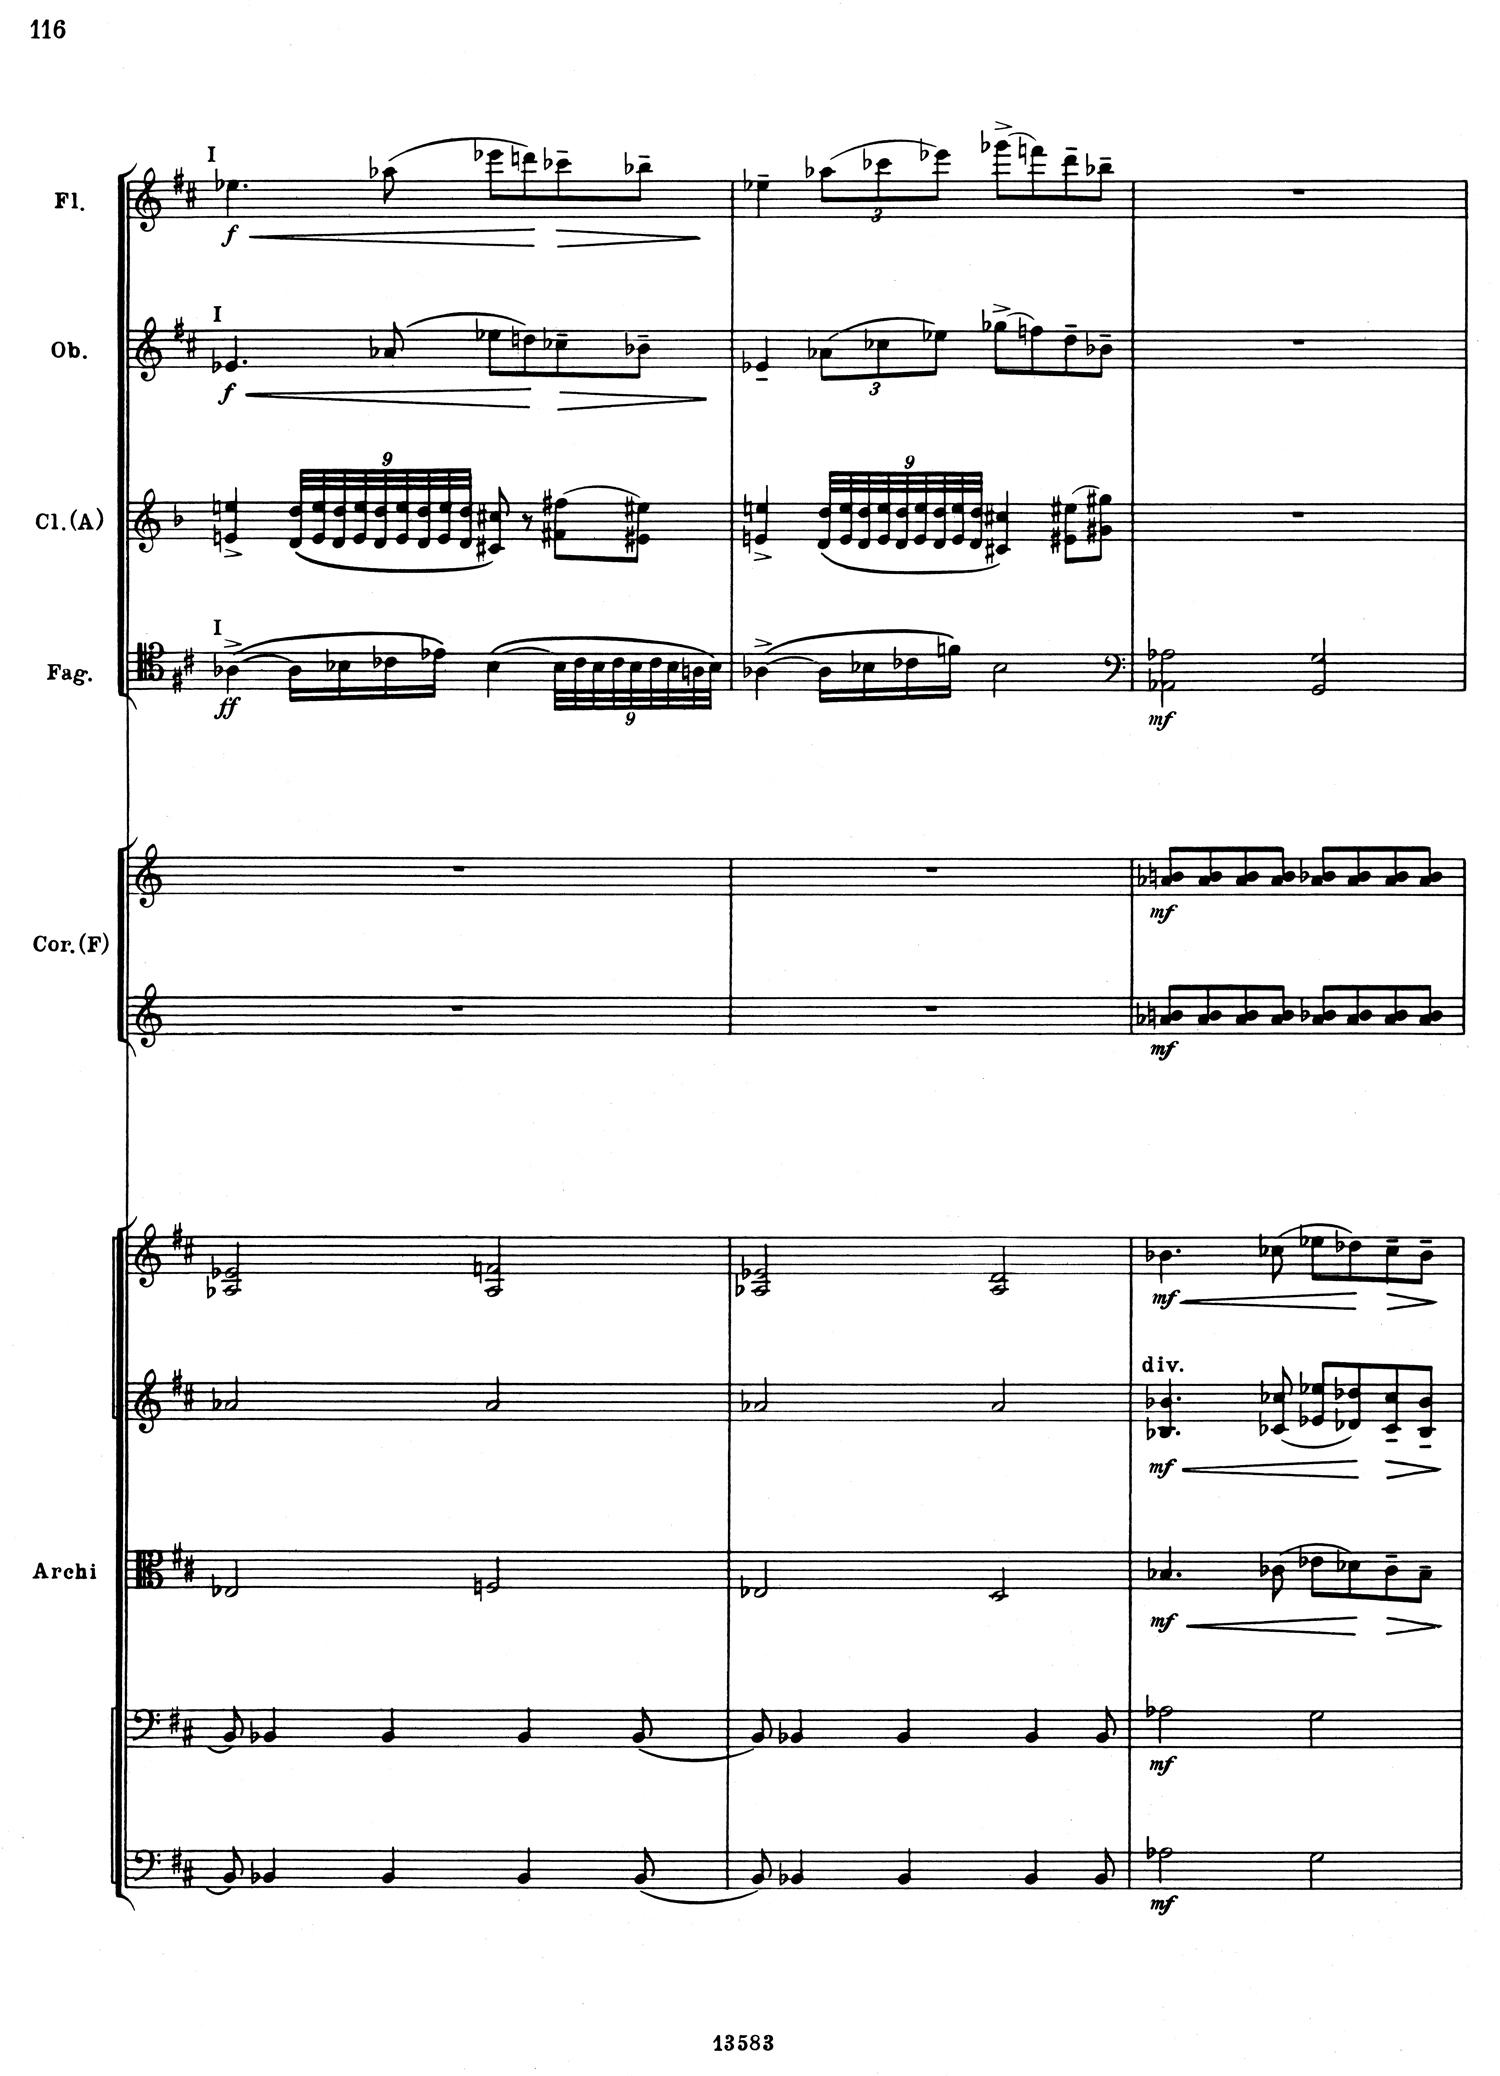 Tchaikovsky 5 Mvt 2 Score 4.jpg